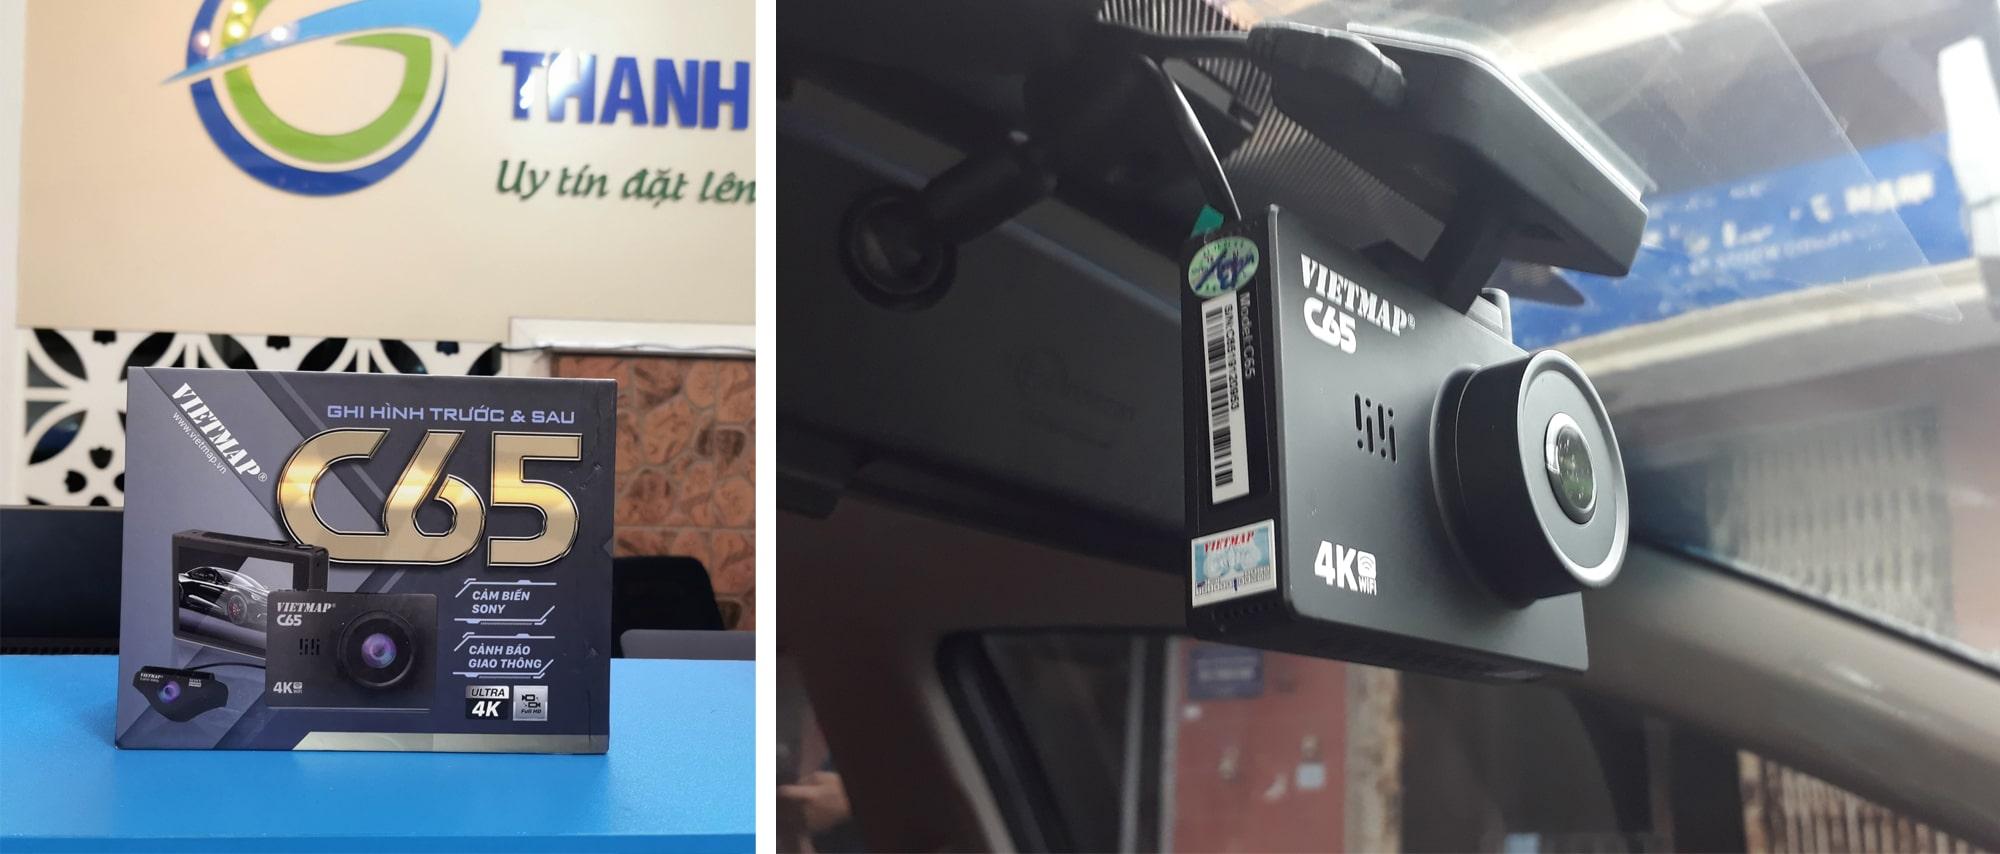 vietmap c65 - top camera hành trình vietmap chất lượng nhất